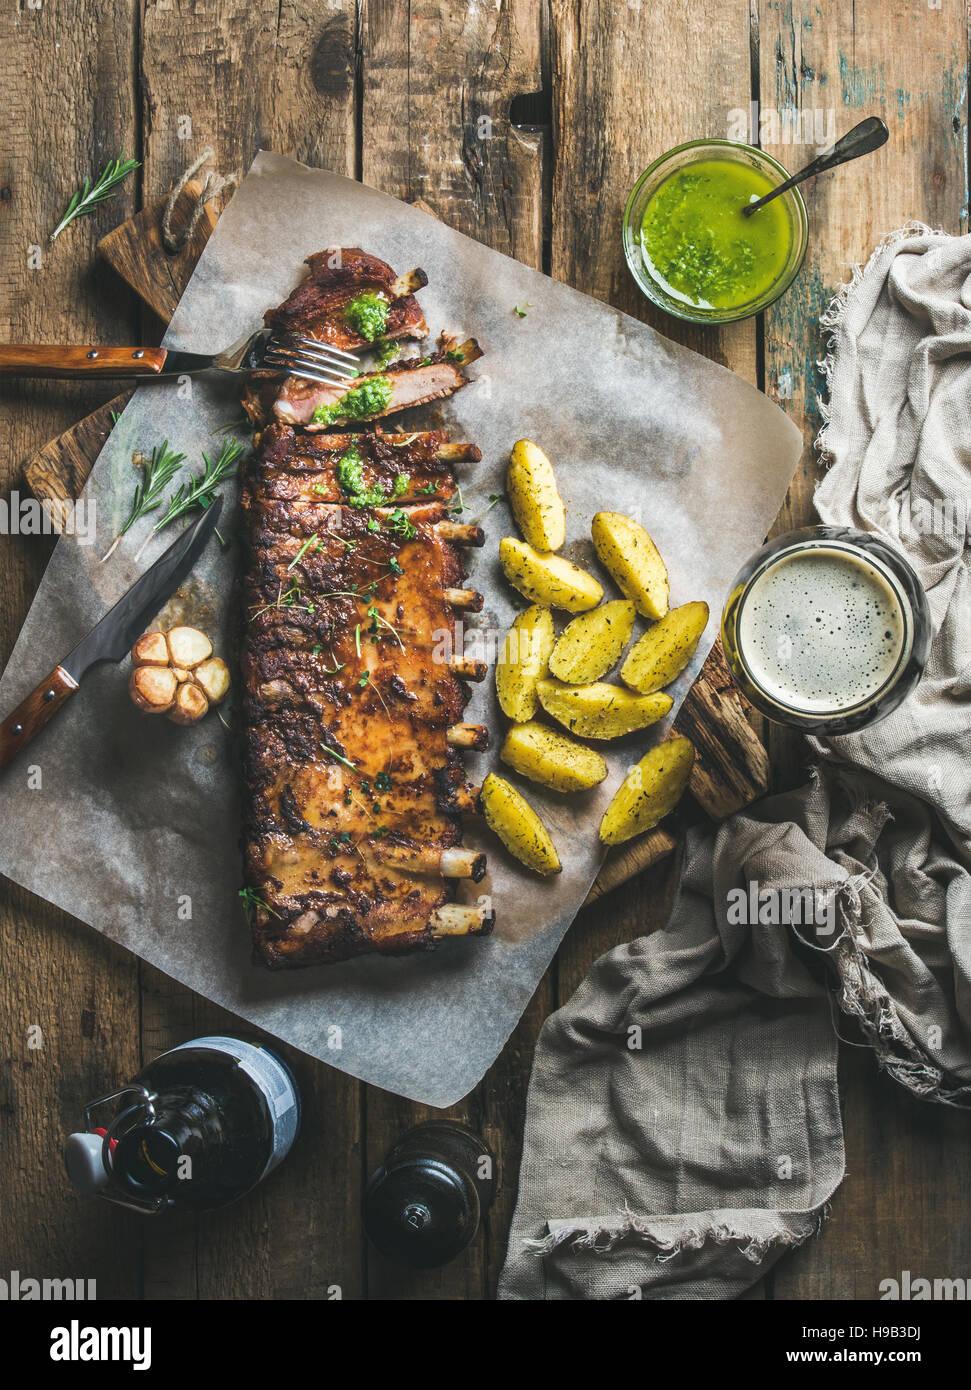 Arrosto di costolette di maiale alle spezie con patate fritte e birra scura Immagini Stock